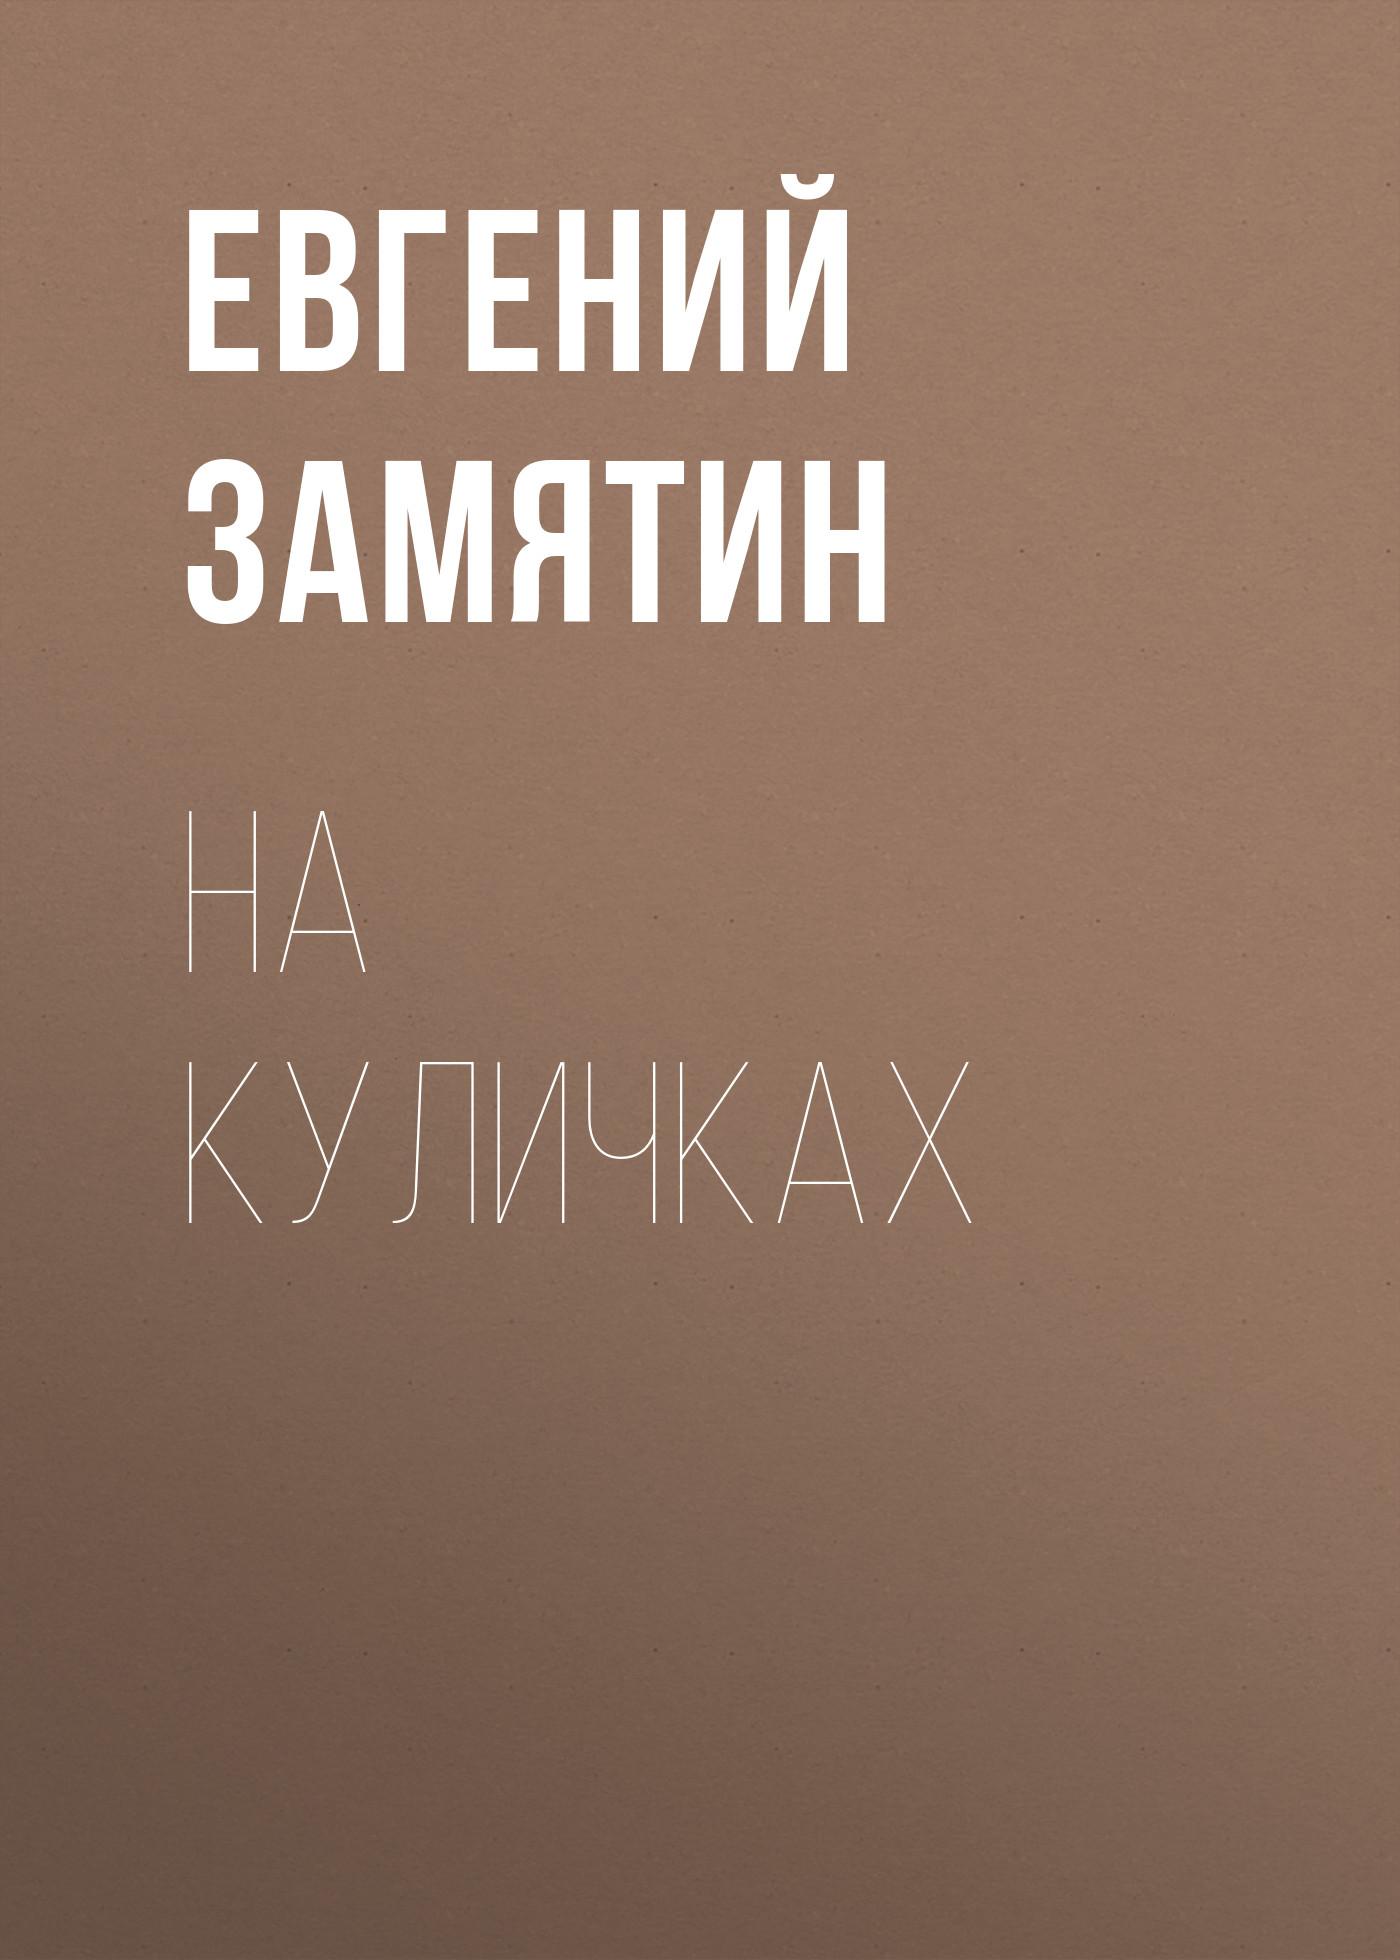 Евгений Замятин На куличках евгений замятин евгений замятин избранное